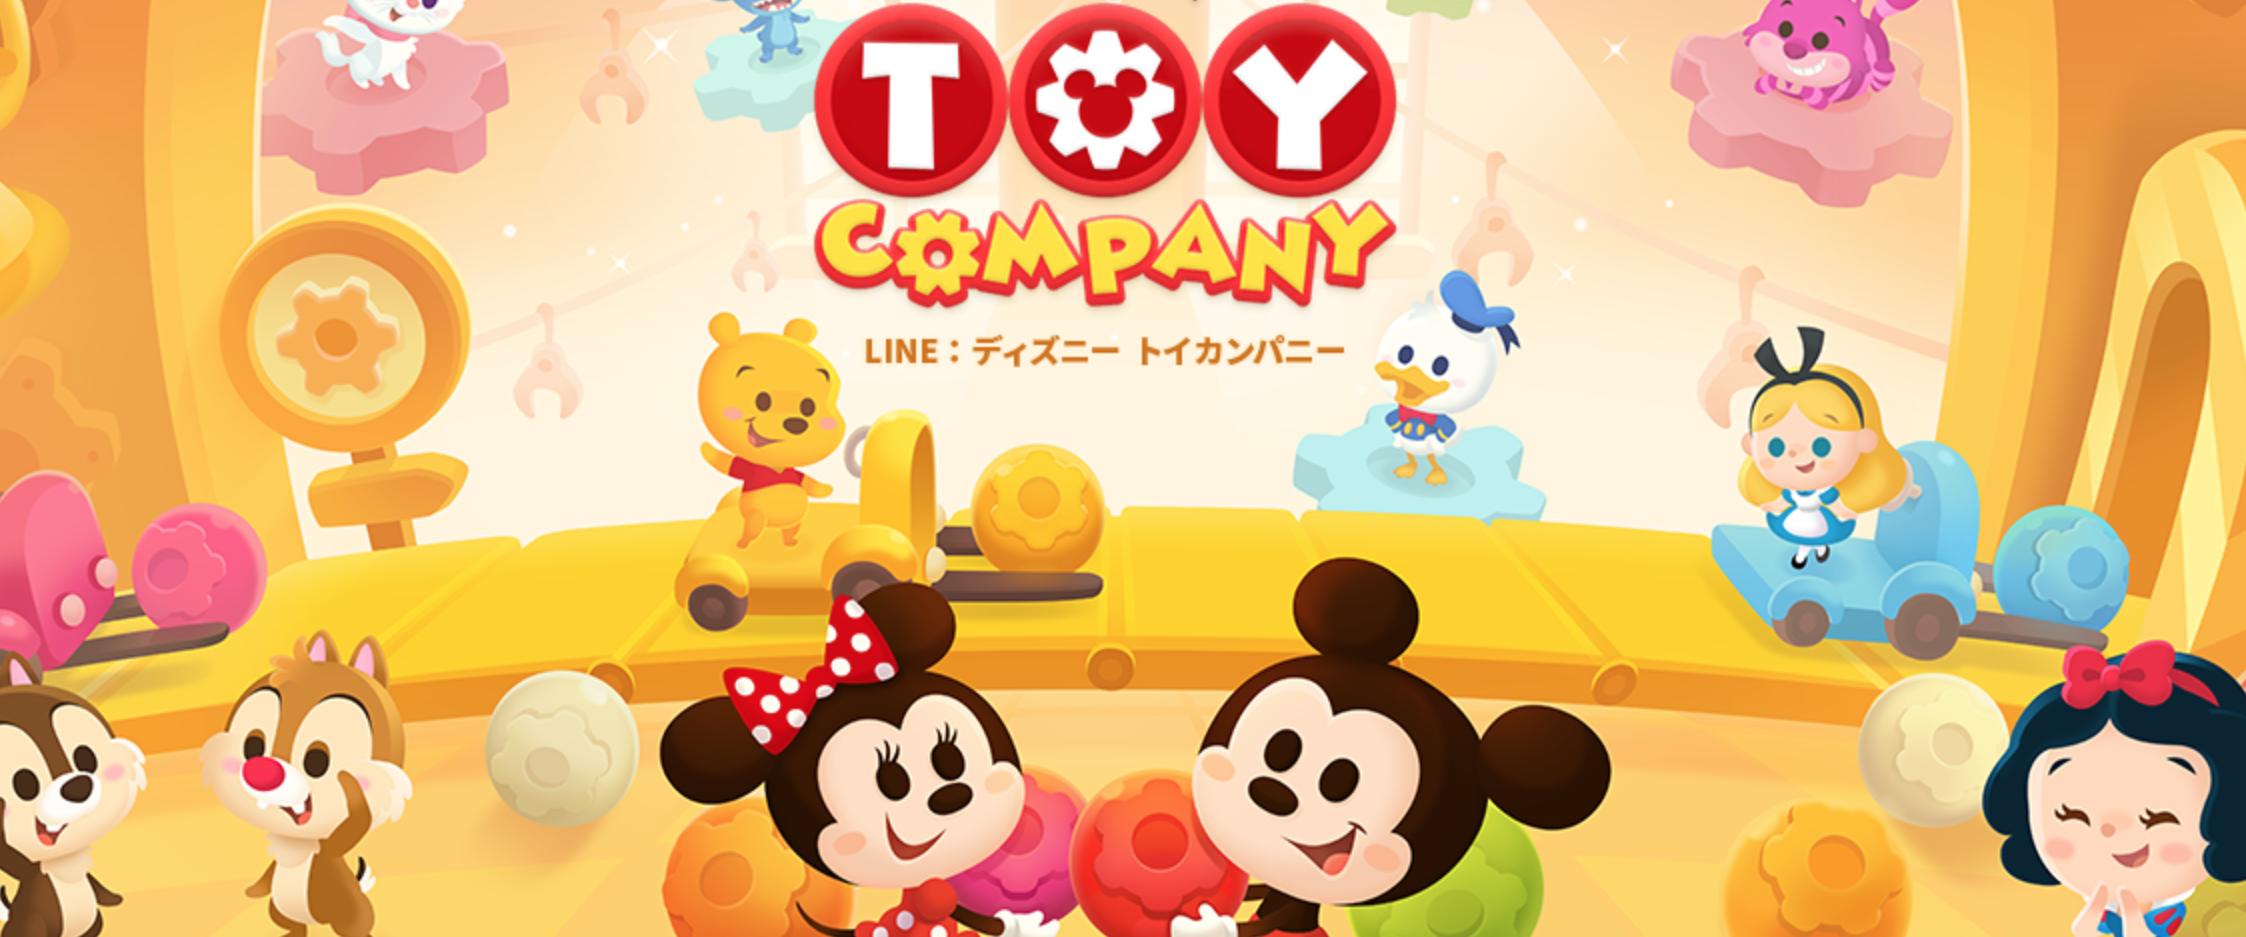 【LINE:ディズニー トイカンパニー】アプリ配信開始